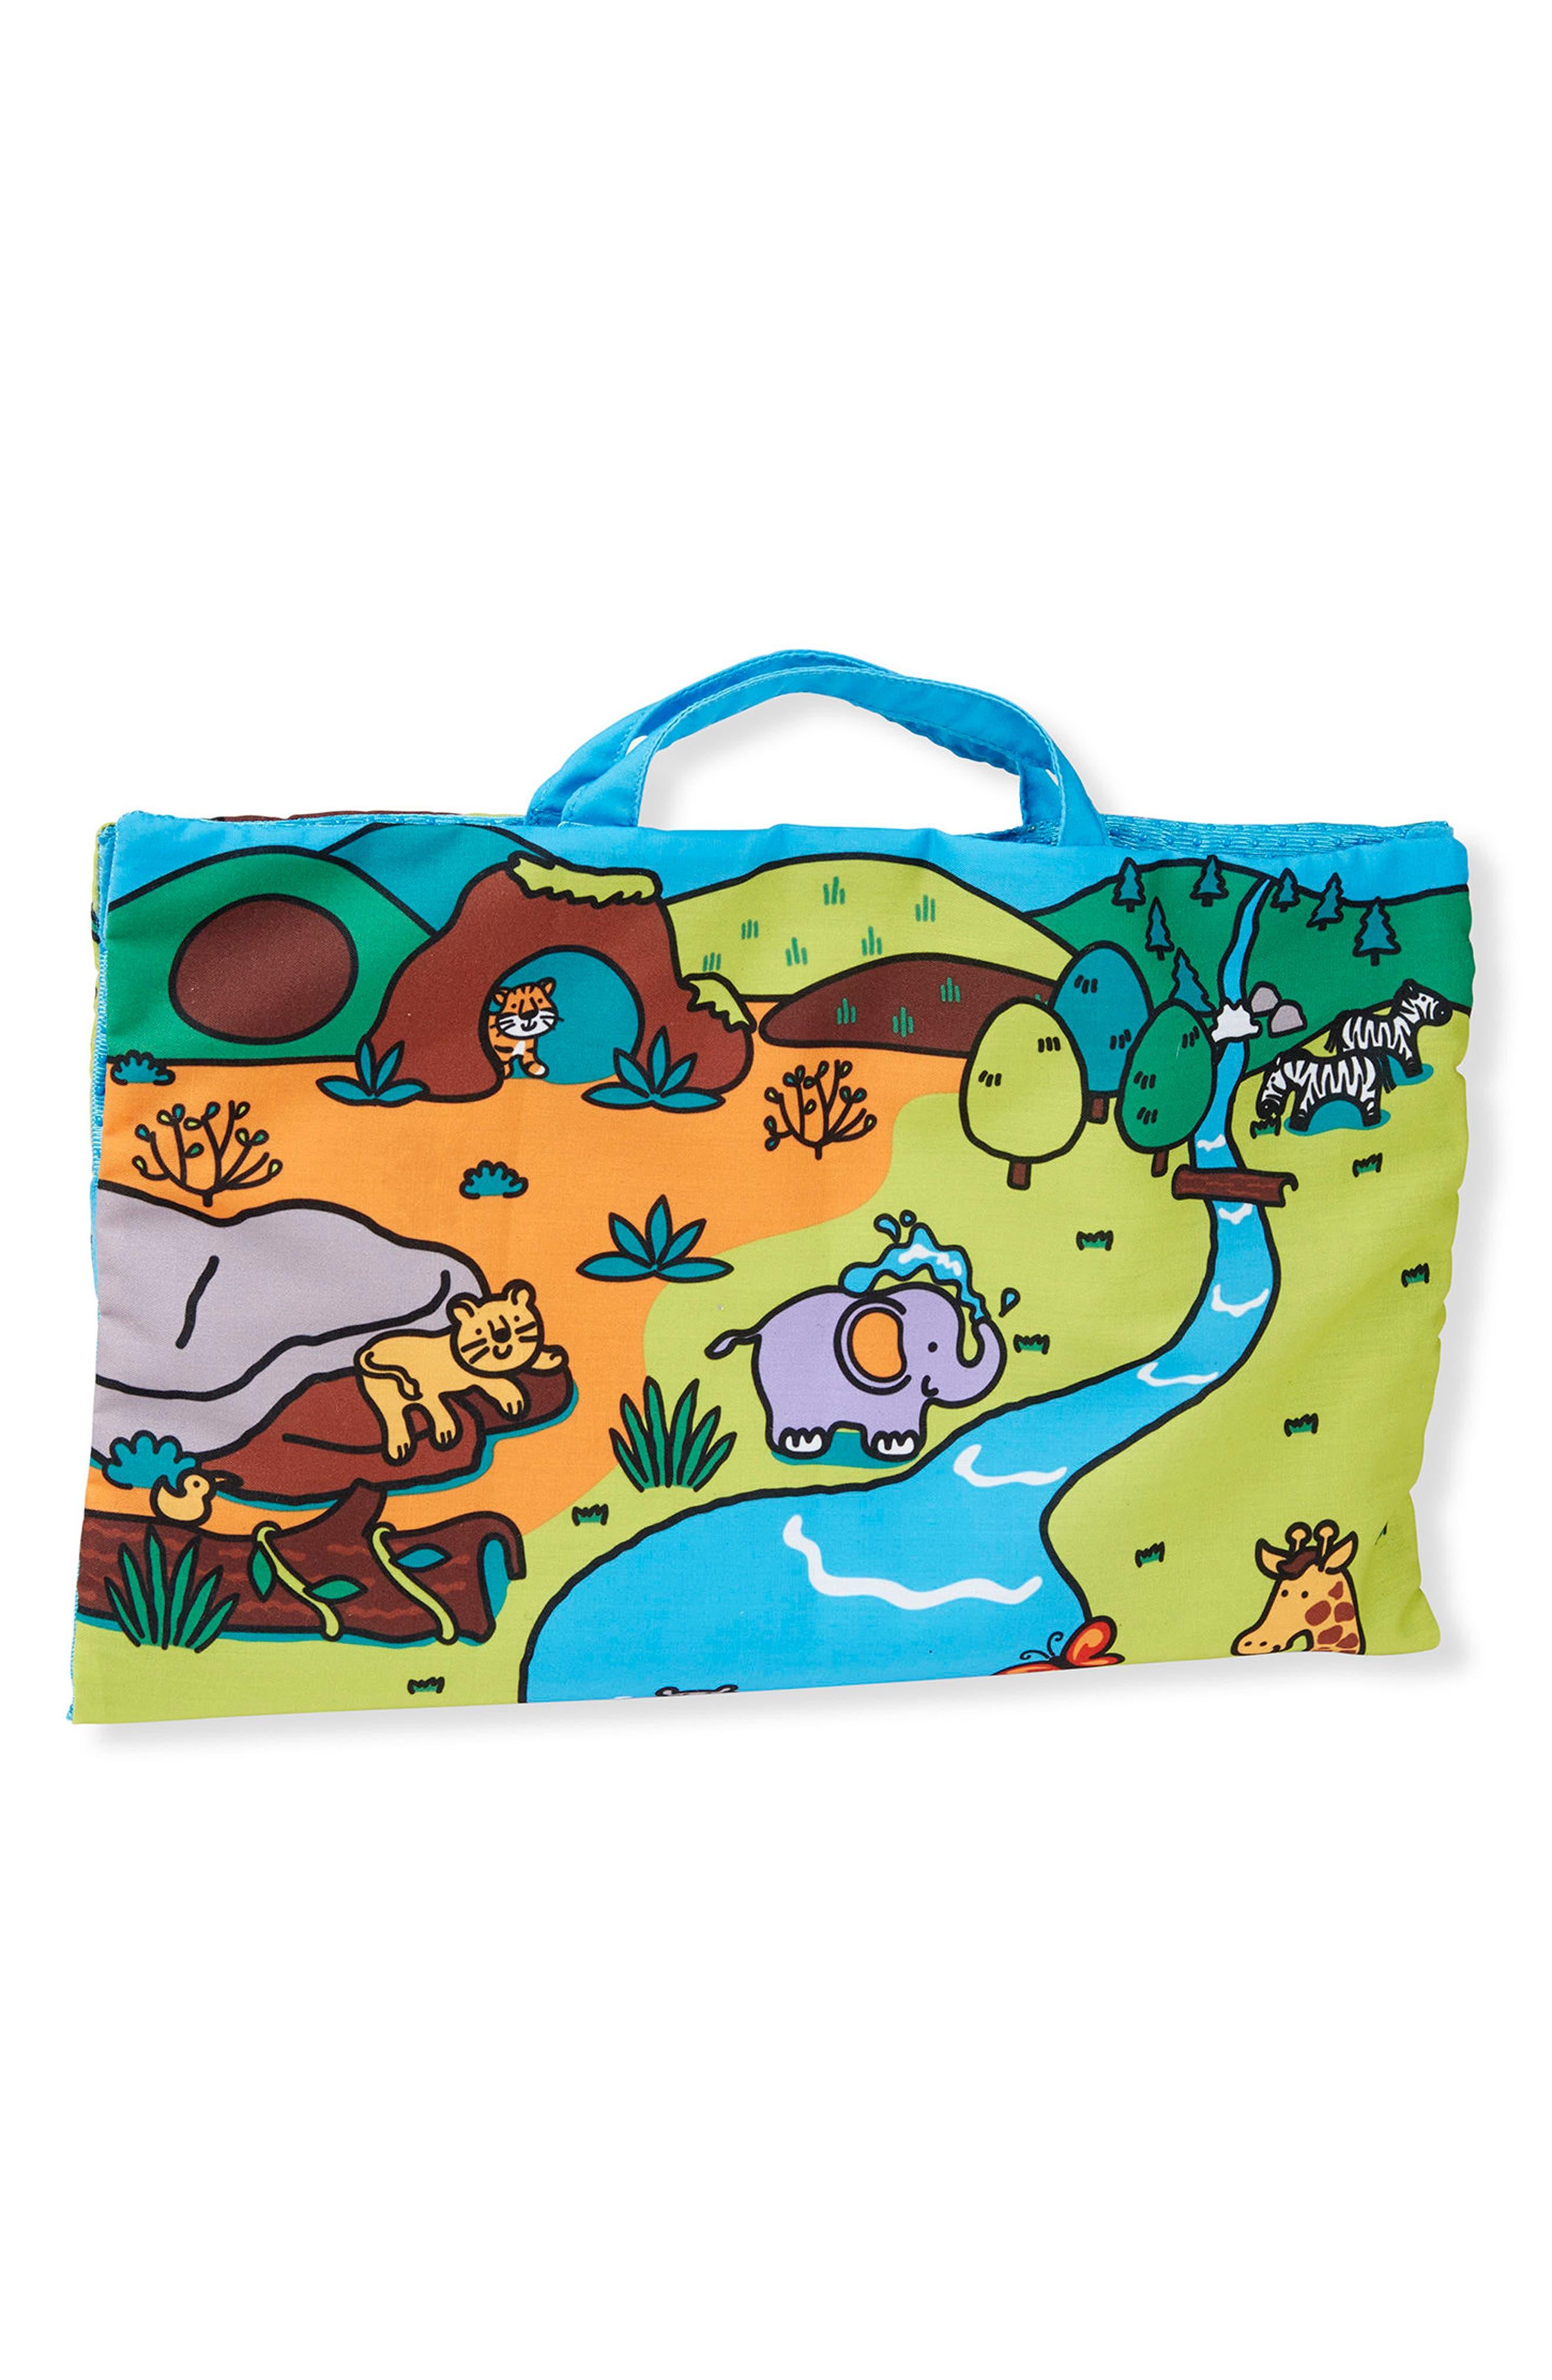 Take-Along Safari Play Mat,                         Main,                         color, Beige